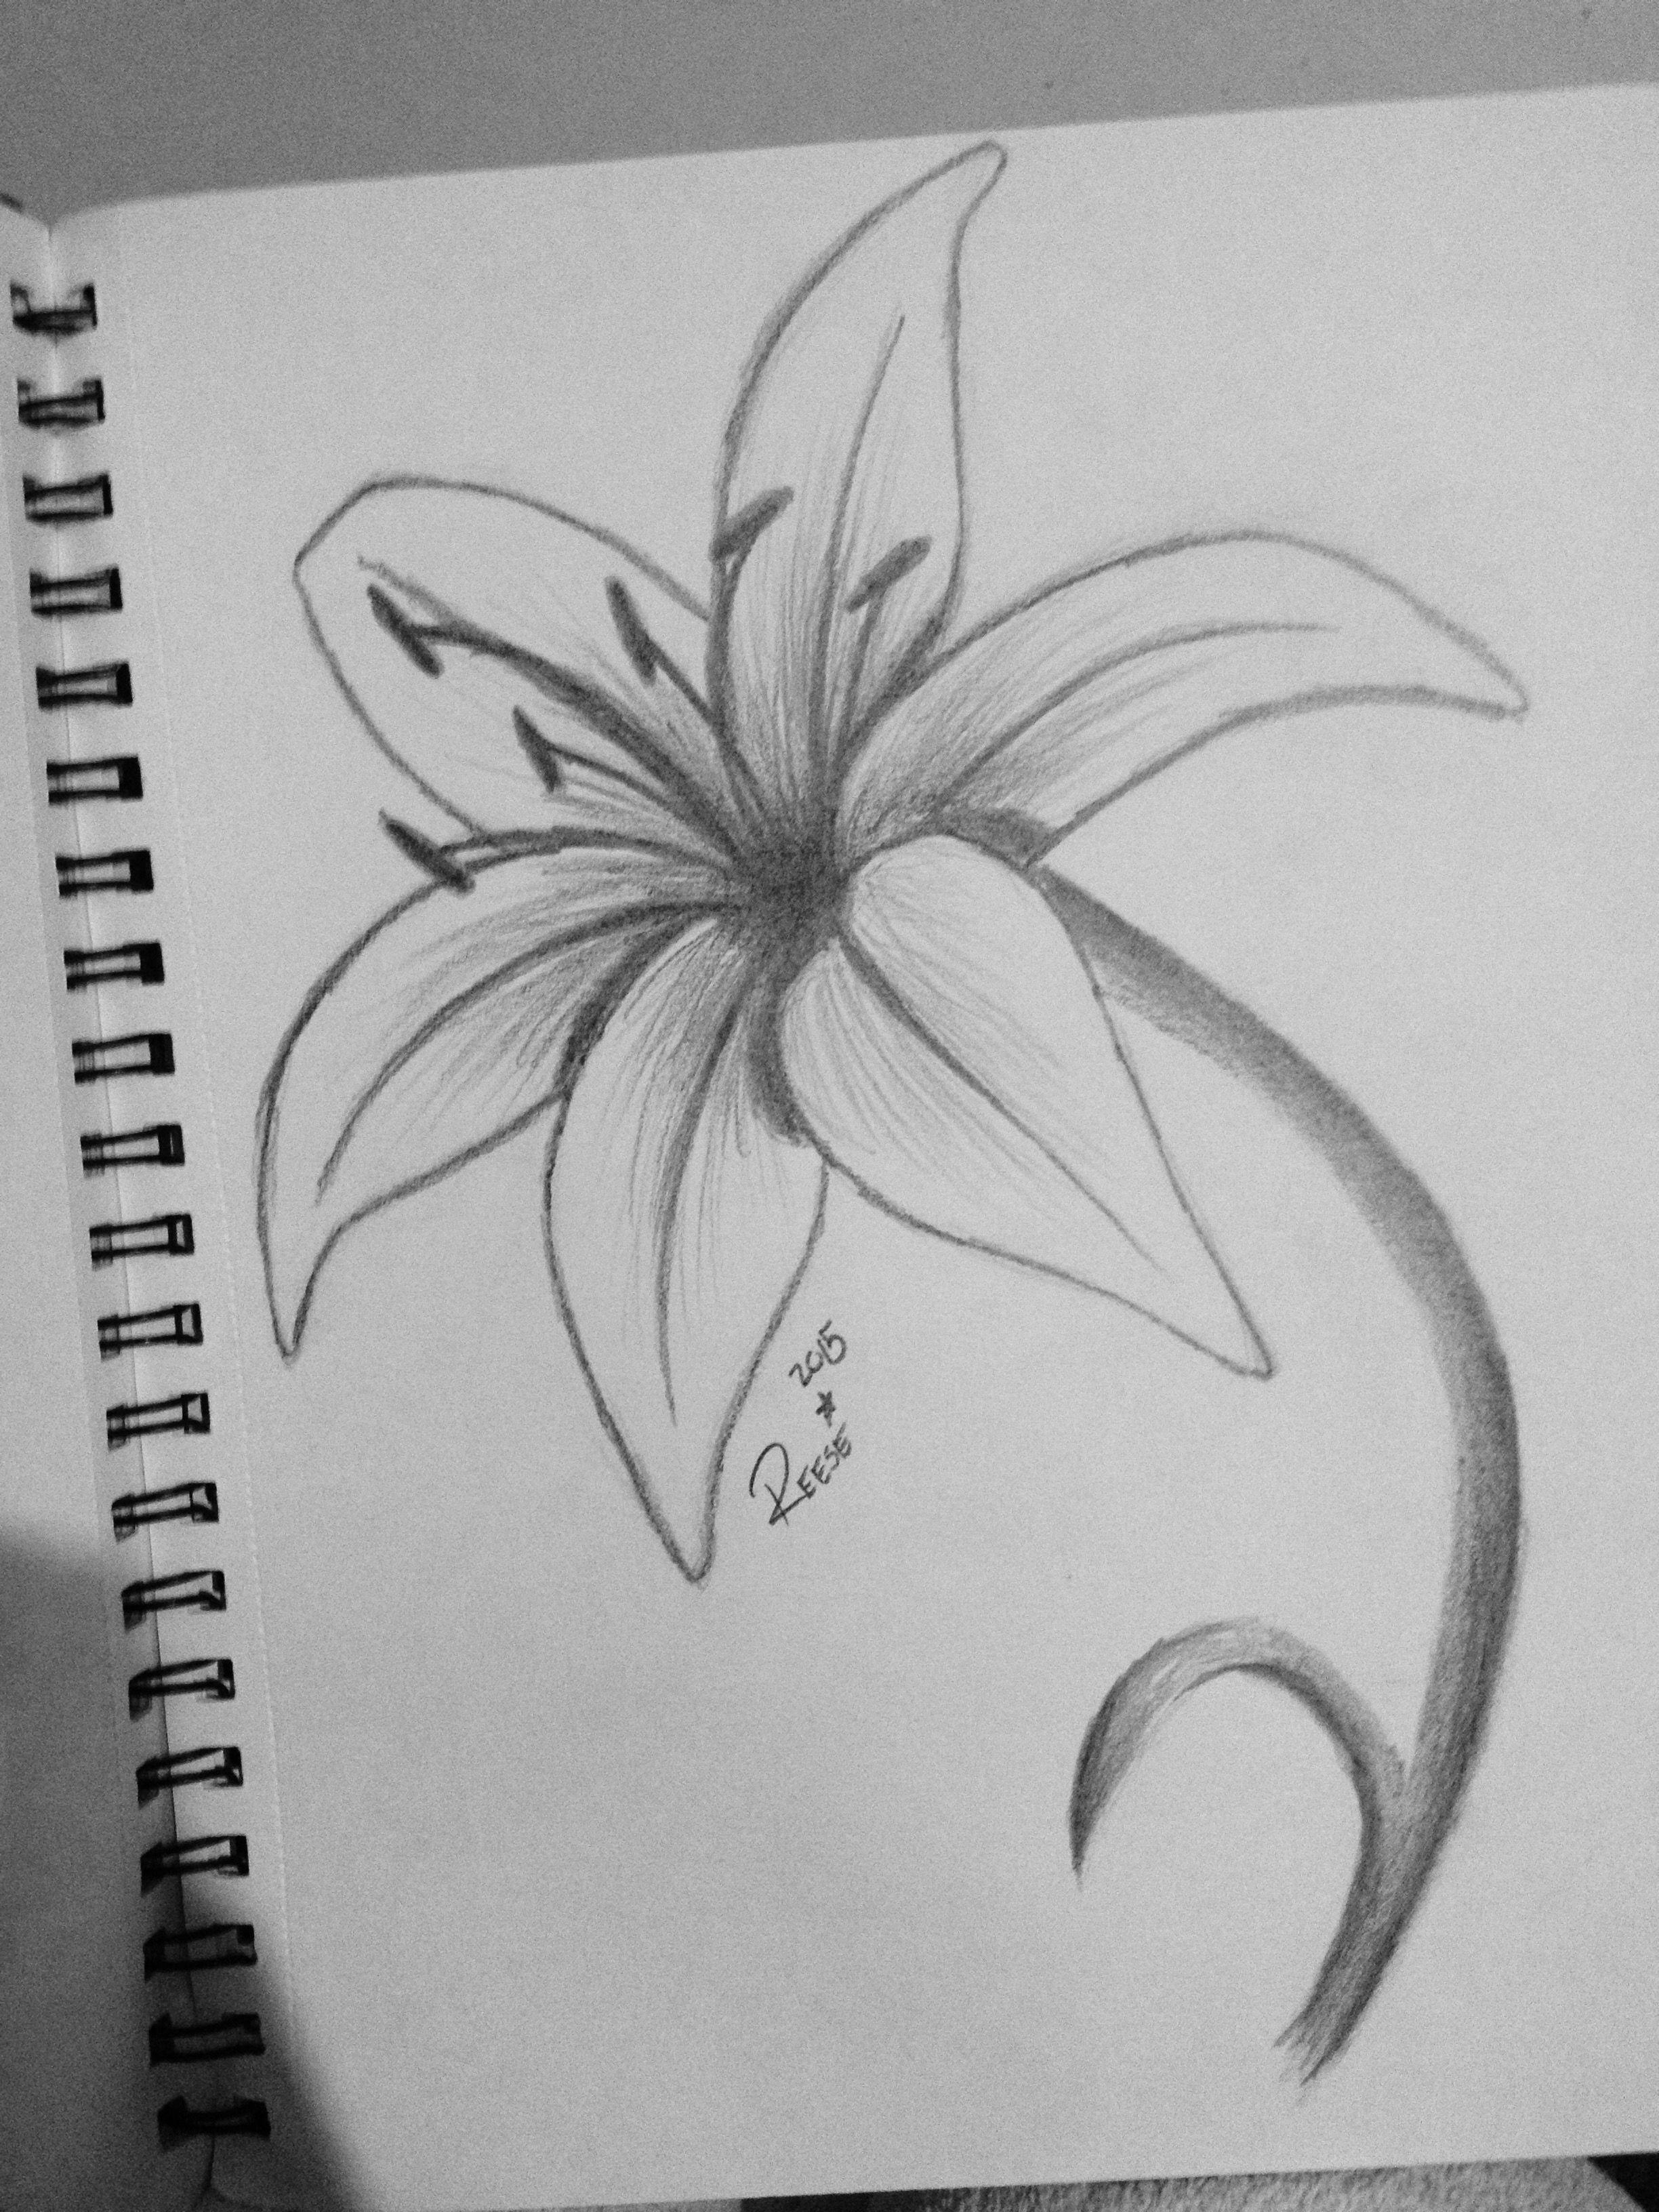 Blumen Blume Blumen Verschicken Blumenstrauss Blumengeschaft Blumenversand In 2020 Art Drawings Sketches Simple Pencil Art Drawings Art Drawings Sketches Creative